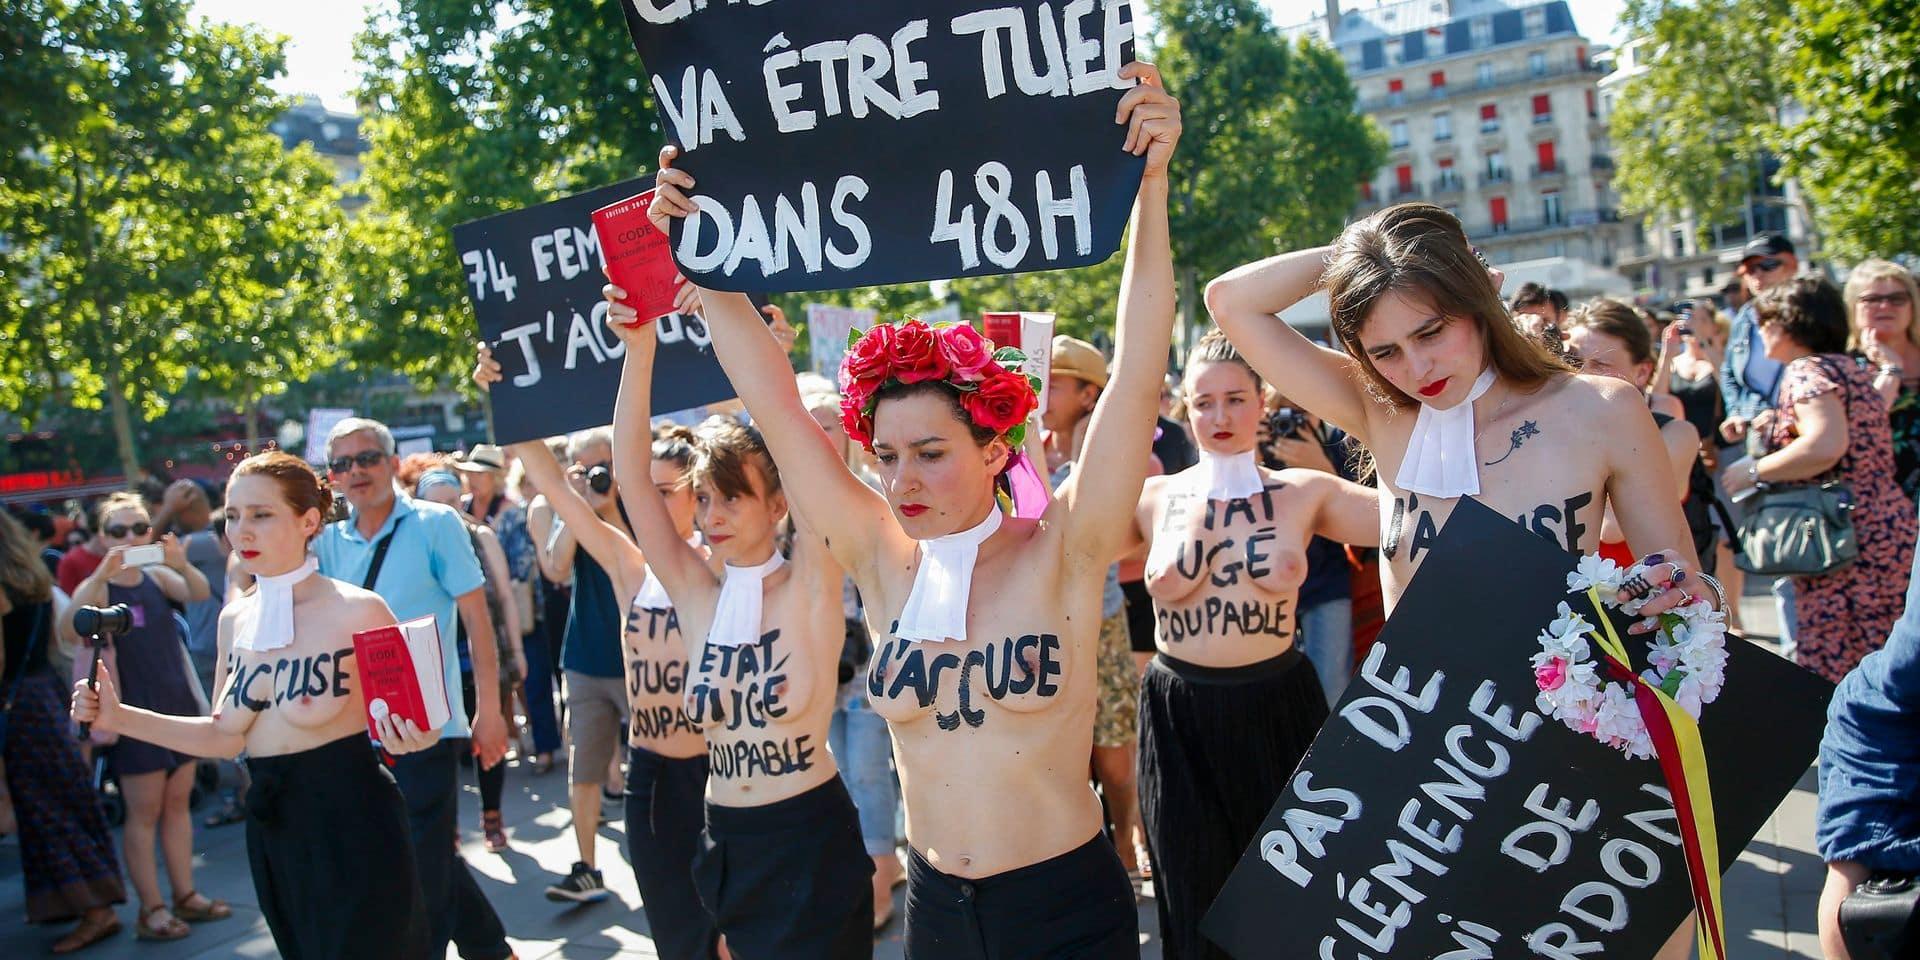 Manifestation contre les feminicides